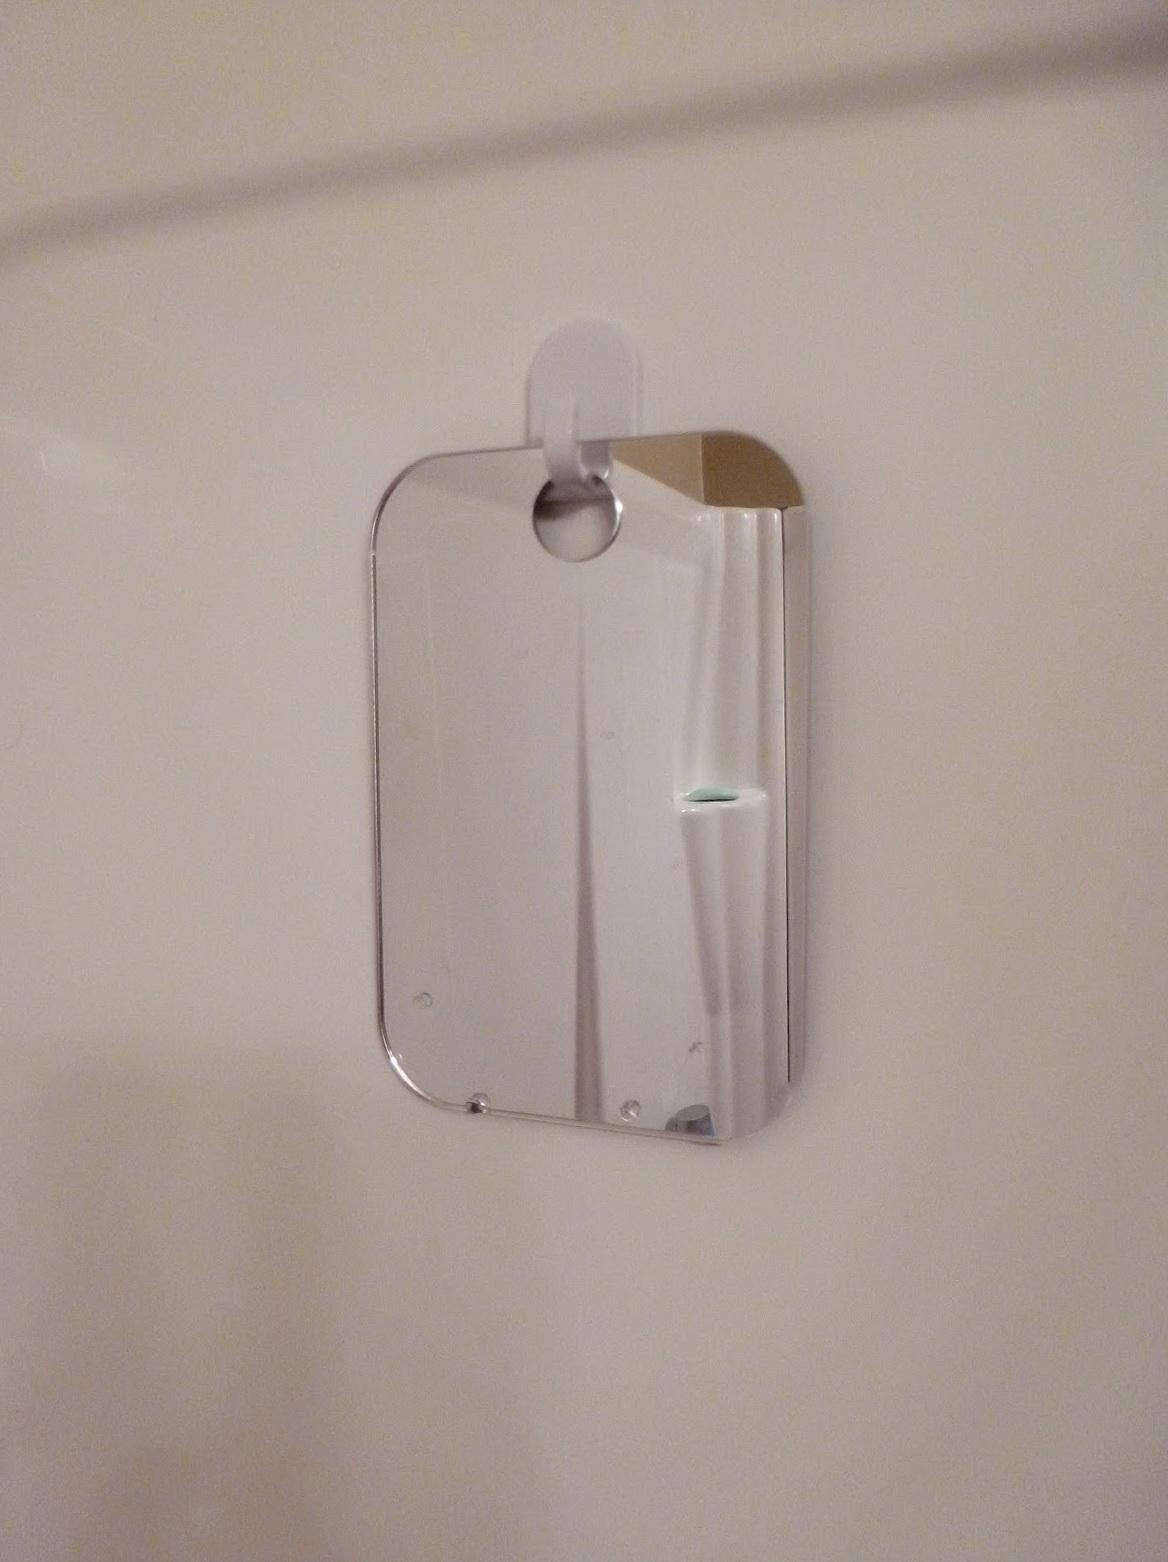 Fog Free Shower Mirror Walmart Home Design Ideas